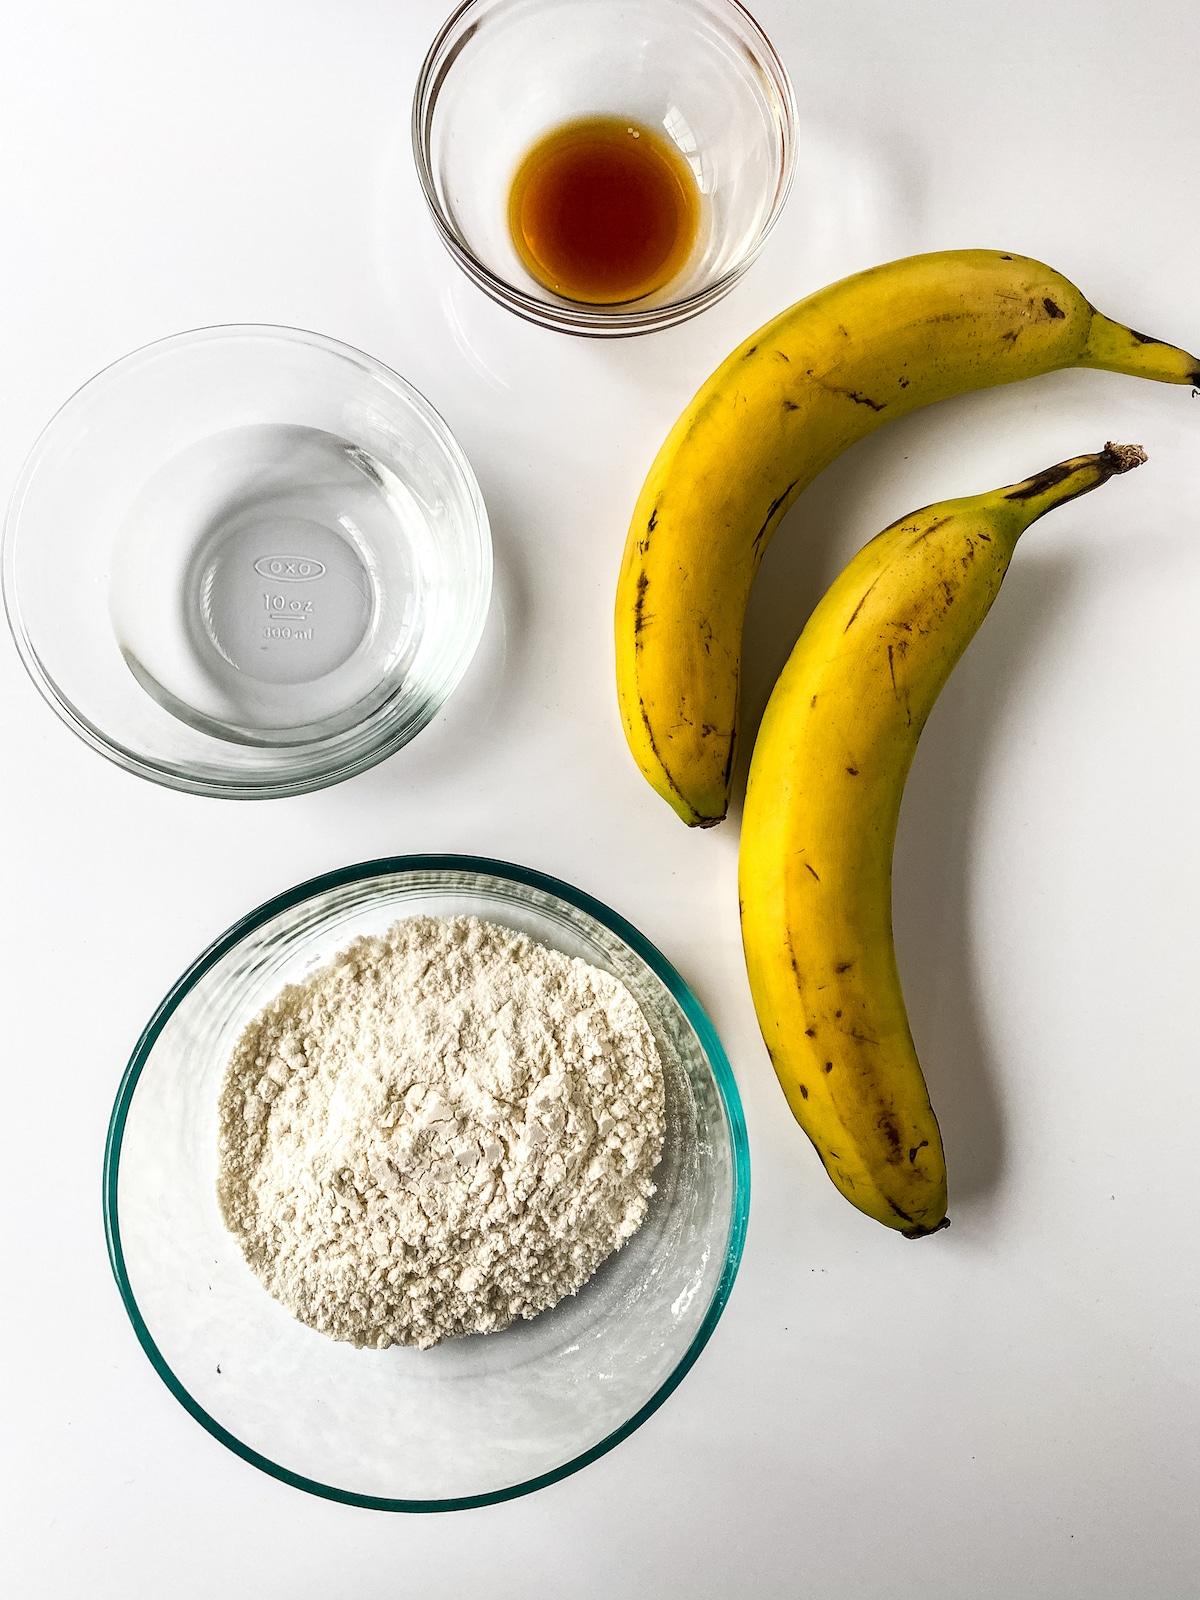 Ingredients for banana pancakes